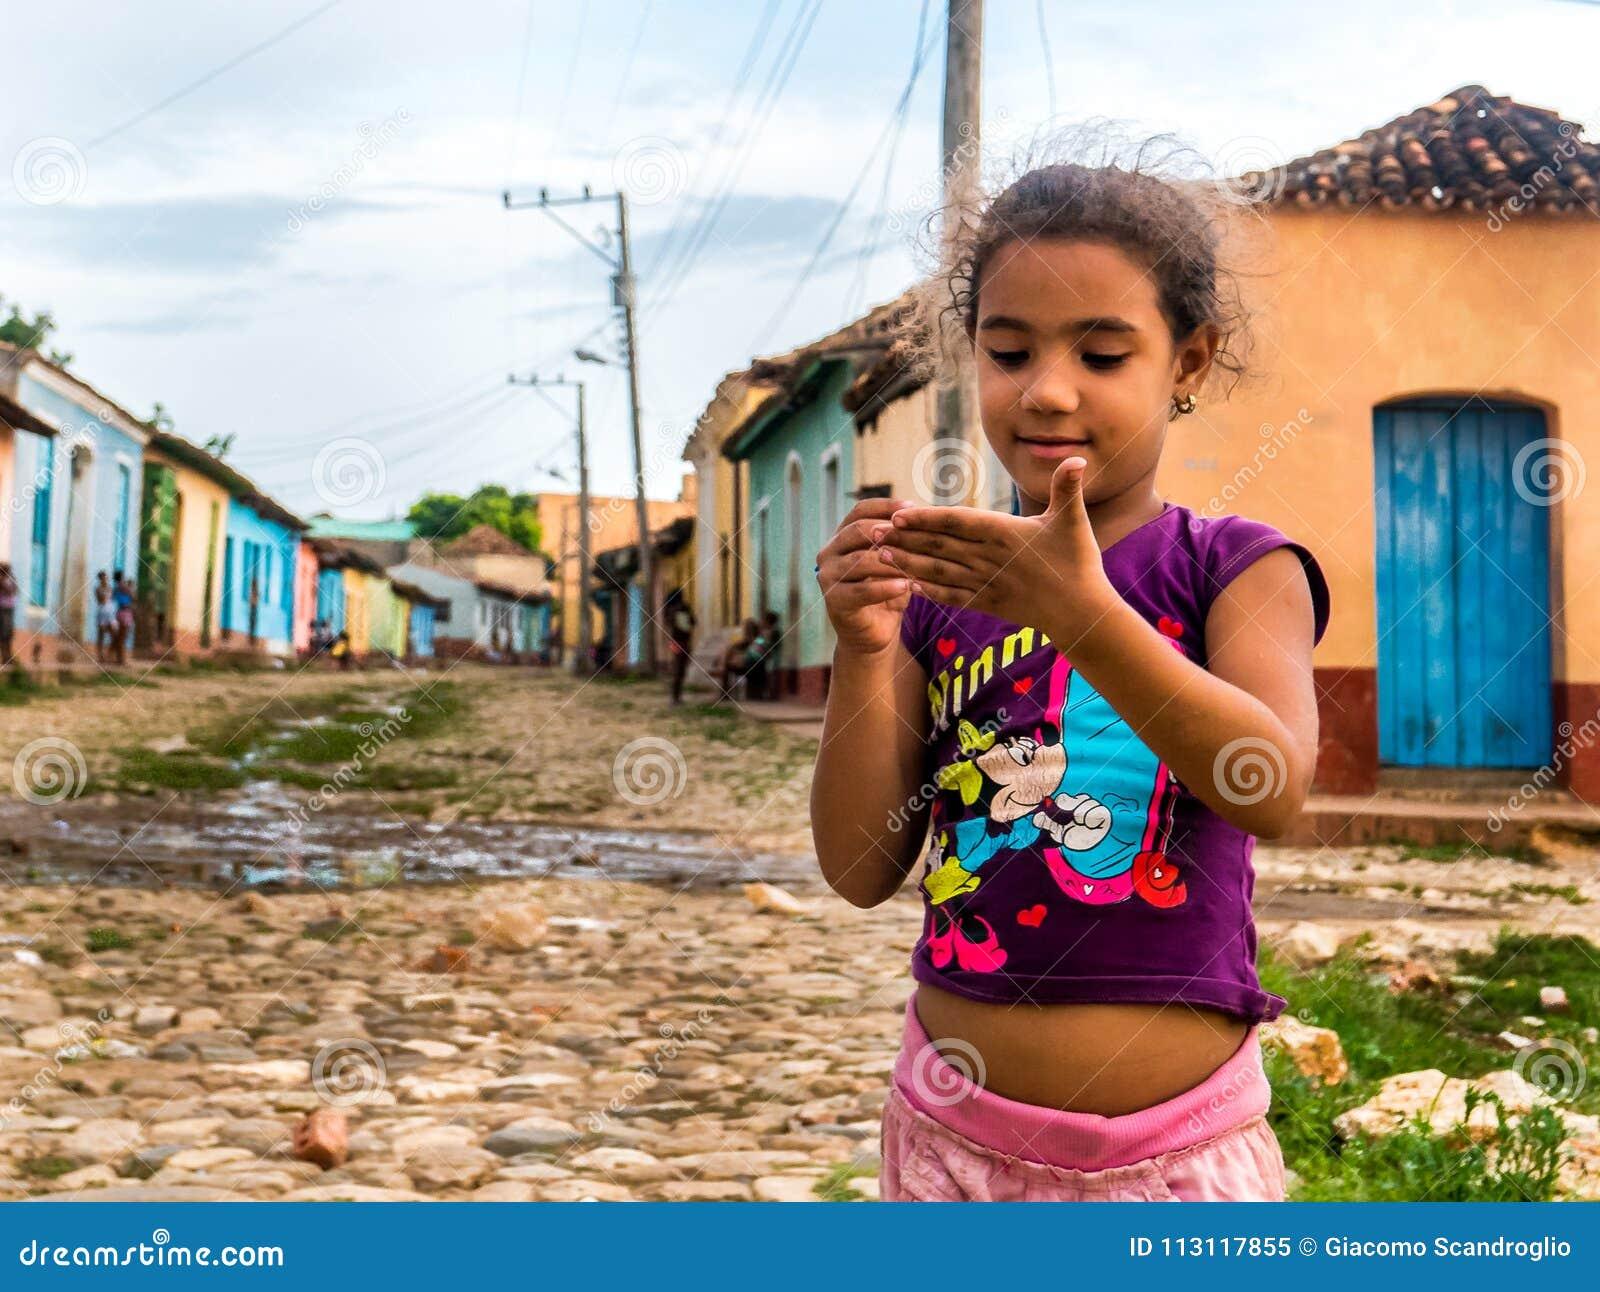 Cuba, Trinidad Em junho de 2016: caçoe a menina que joga com o lápis na rua, cercada por casas coloridas de Trinidad